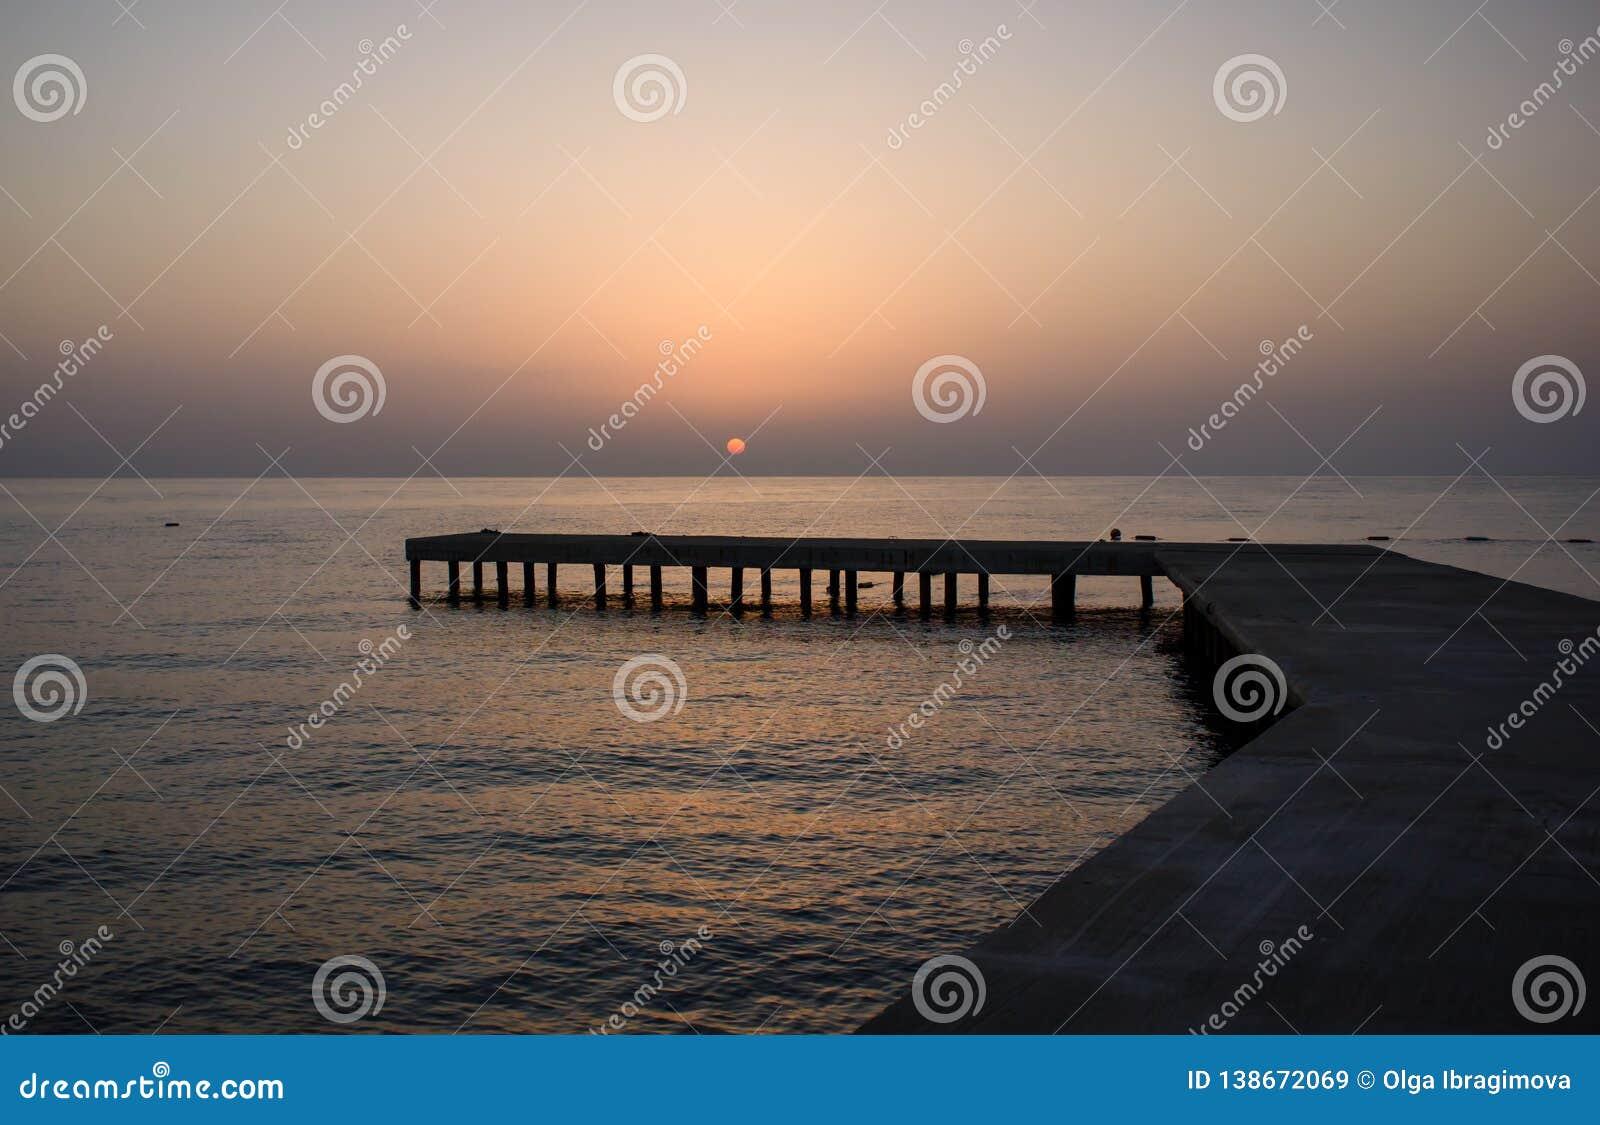 Fondo con el embarcadero de madera viejo en el mar en la puesta del sol